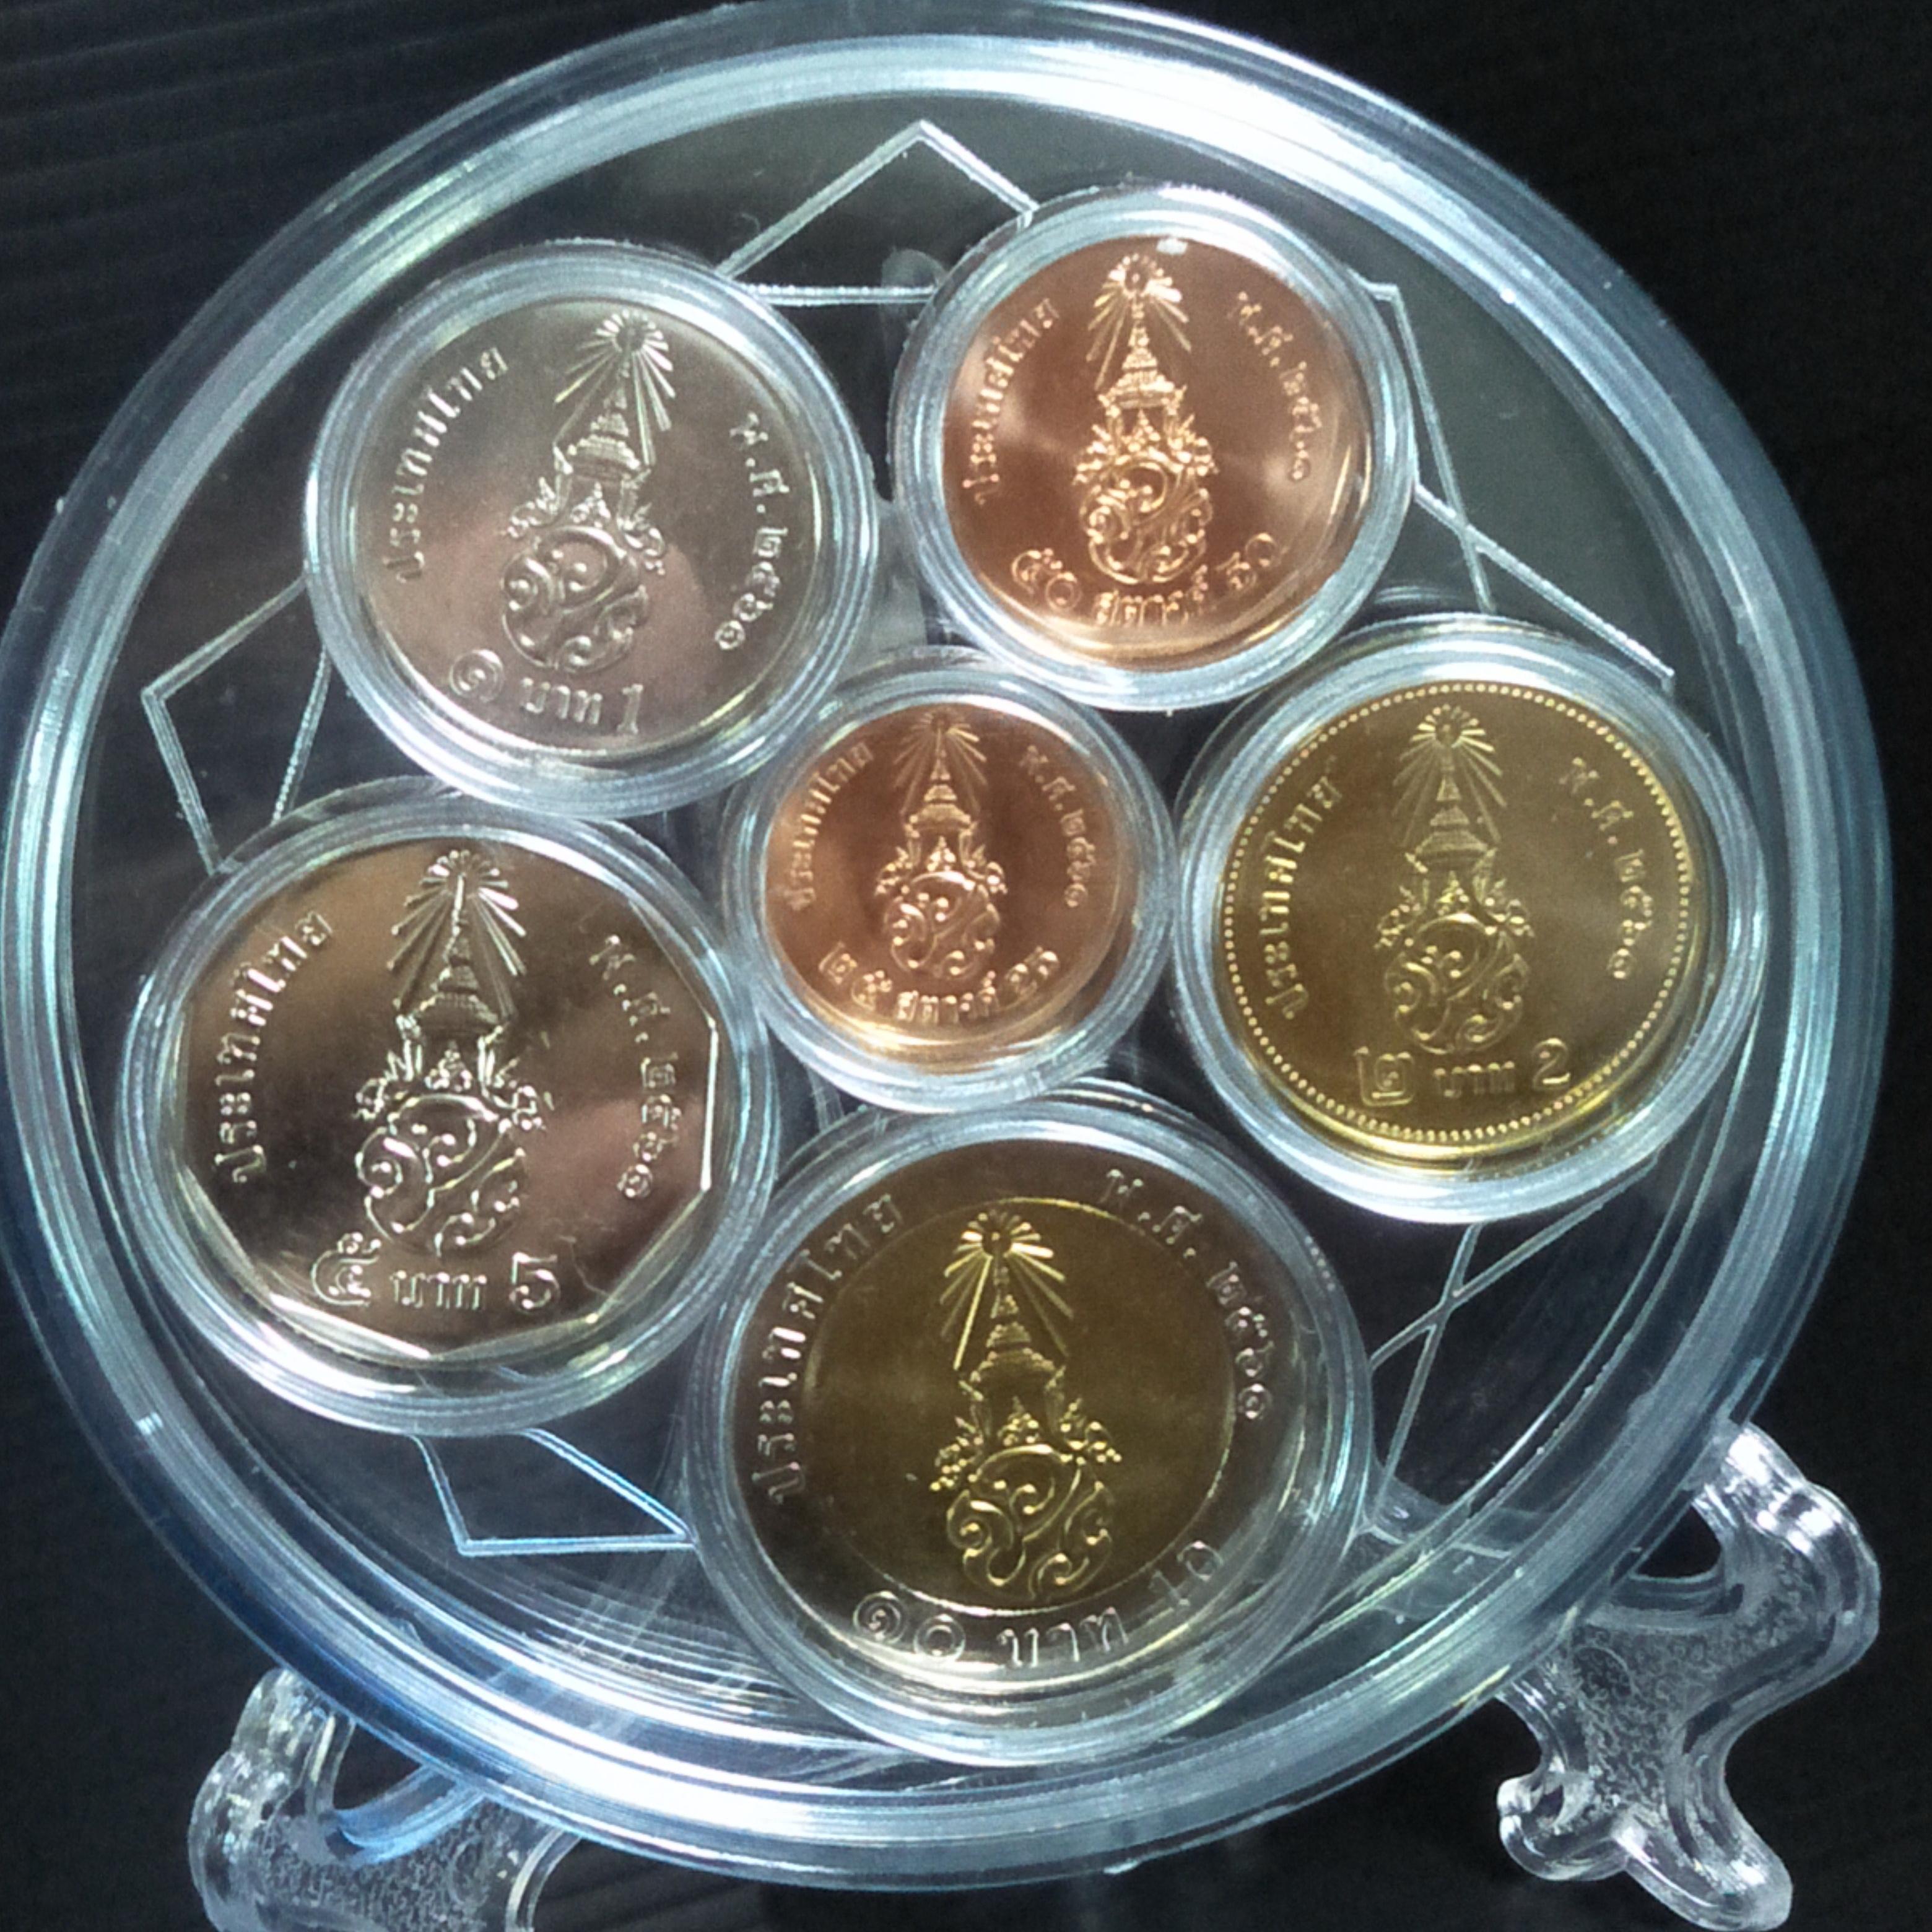 ชุดเหรียญหมุนเวียนรัชกาลที่ 10 ปี พ.ศ. 2561 บรรจุในตลับอะคริลิคพร้อมขาตั้ง